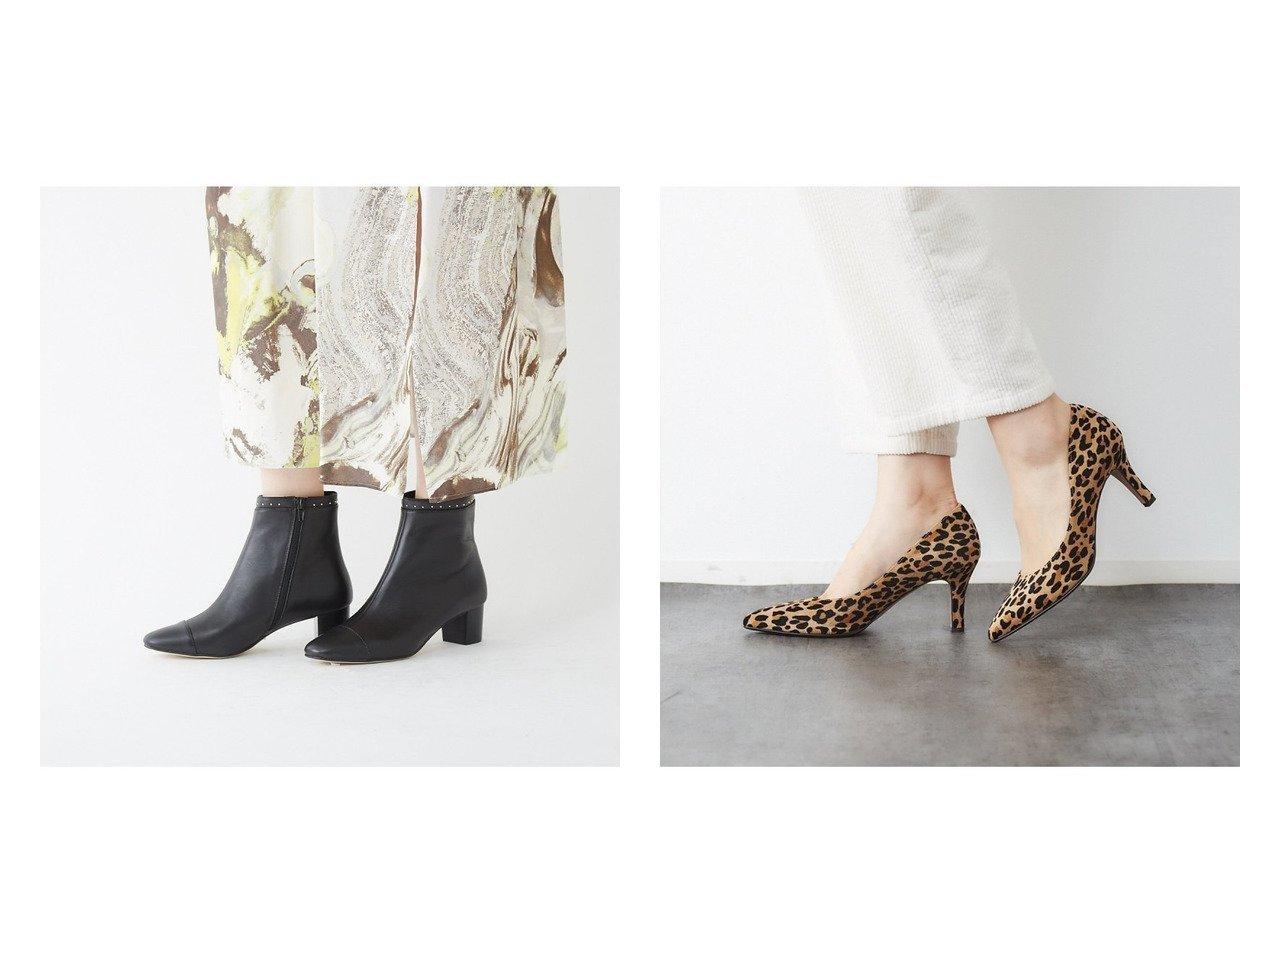 【Au BANNISTER/オゥ バニスター】の切り替えショートブーツ&Safree ハイヒールパンプス シューズ・靴のおすすめ!人気、トレンド・レディースファッションの通販  おすすめで人気の流行・トレンド、ファッションの通販商品 メンズファッション・キッズファッション・インテリア・家具・レディースファッション・服の通販 founy(ファニー) https://founy.com/ ファッション Fashion レディースファッション WOMEN シューズ ショート シンプル パイソン A/W 秋冬 AW Autumn/Winter / FW Fall-Winter インソール ダウン デニム ハイヒール 人気 |ID:crp329100000019274